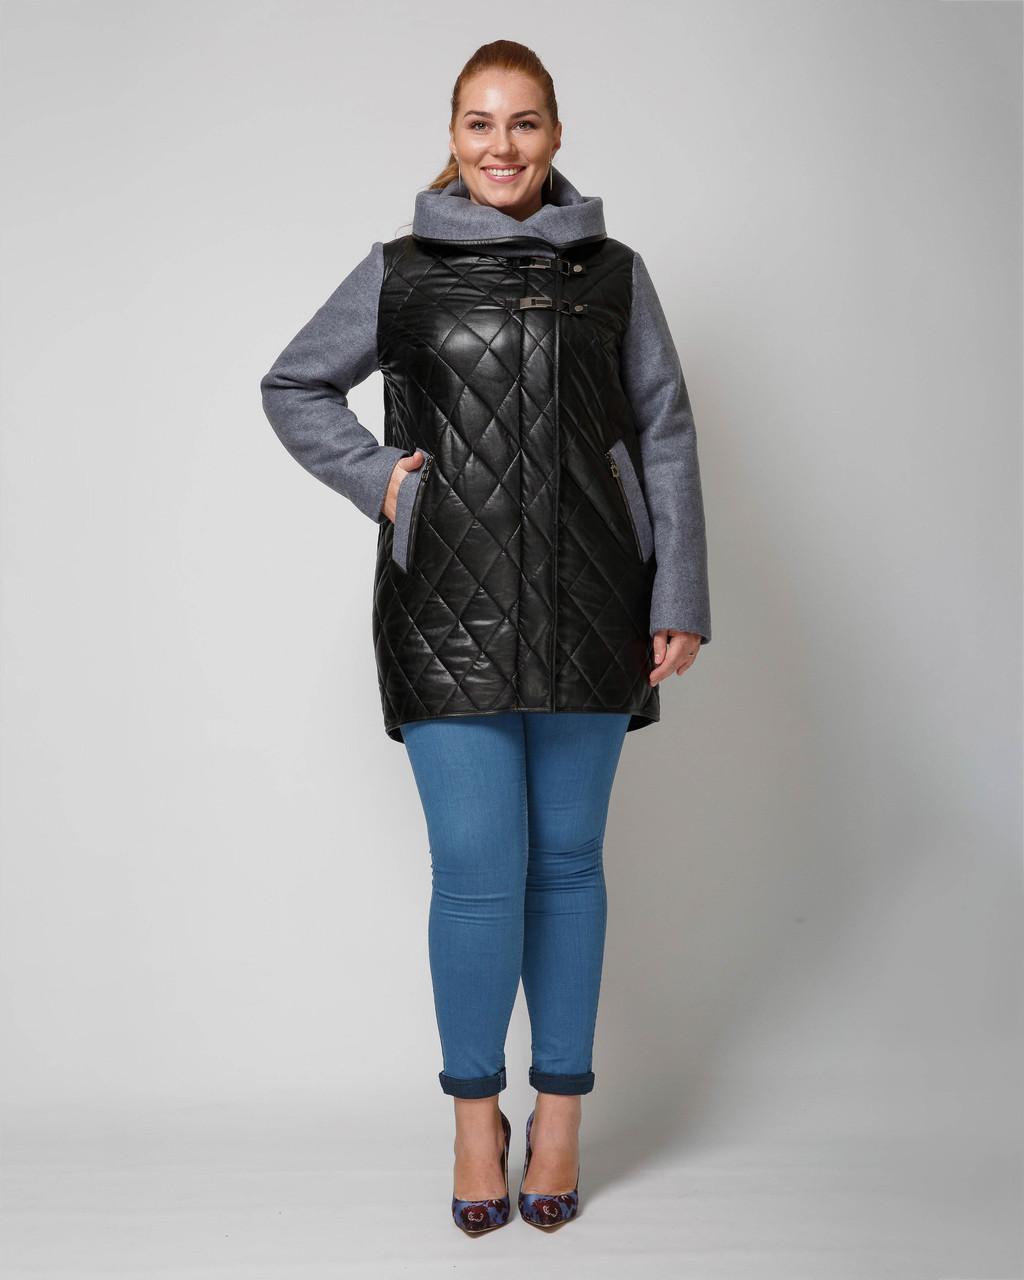 95fb0b4fa96 Женская удлиненная демисезонная куртка комбинированная -М 1312 ...